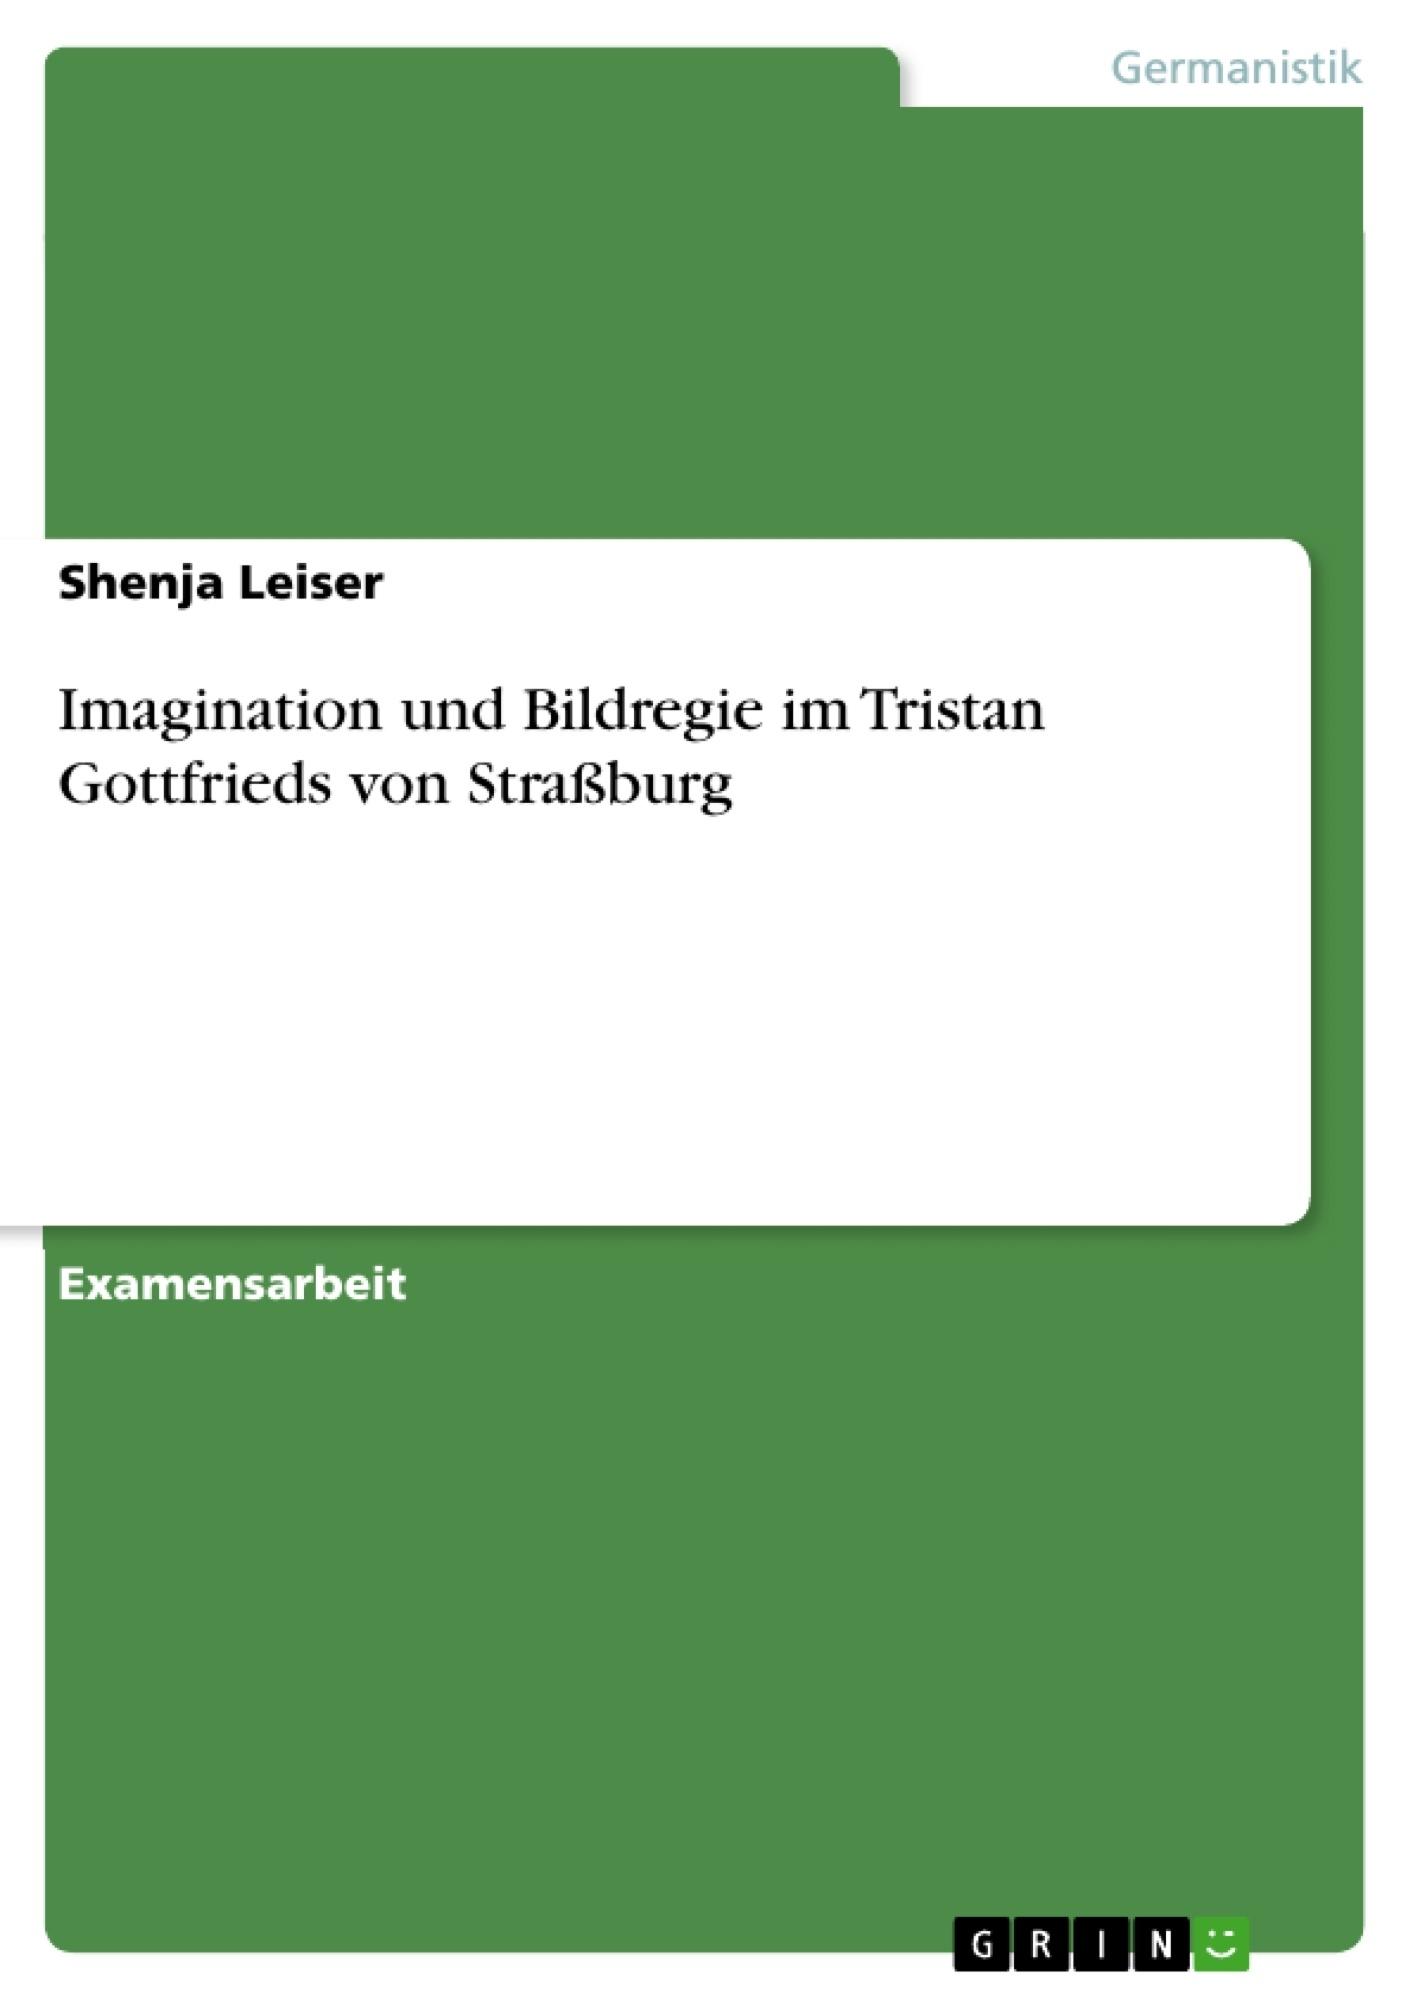 Titel: Imagination und Bildregie im Tristan Gottfrieds von Straßburg